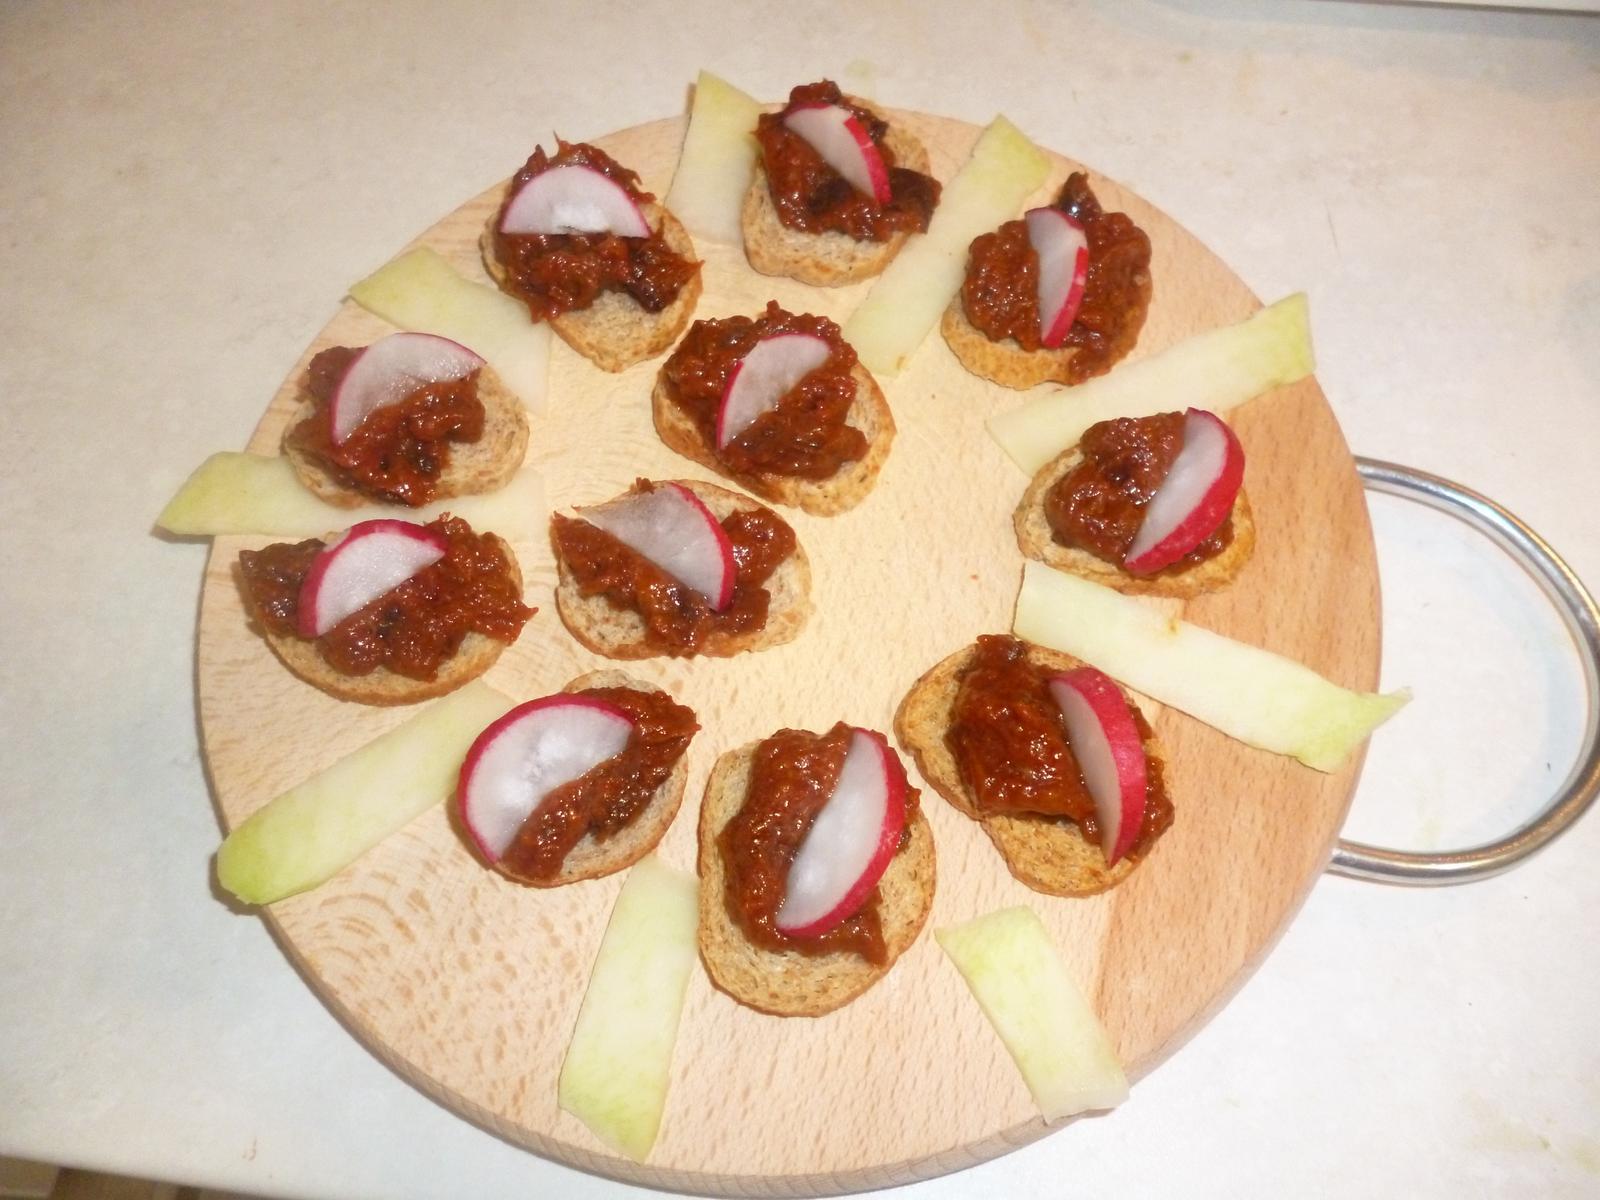 Což dát si něco k snědku - kanapky pro všechny - lilková pomaz. se sušenými rajčaty jako zobnutí před jídlem